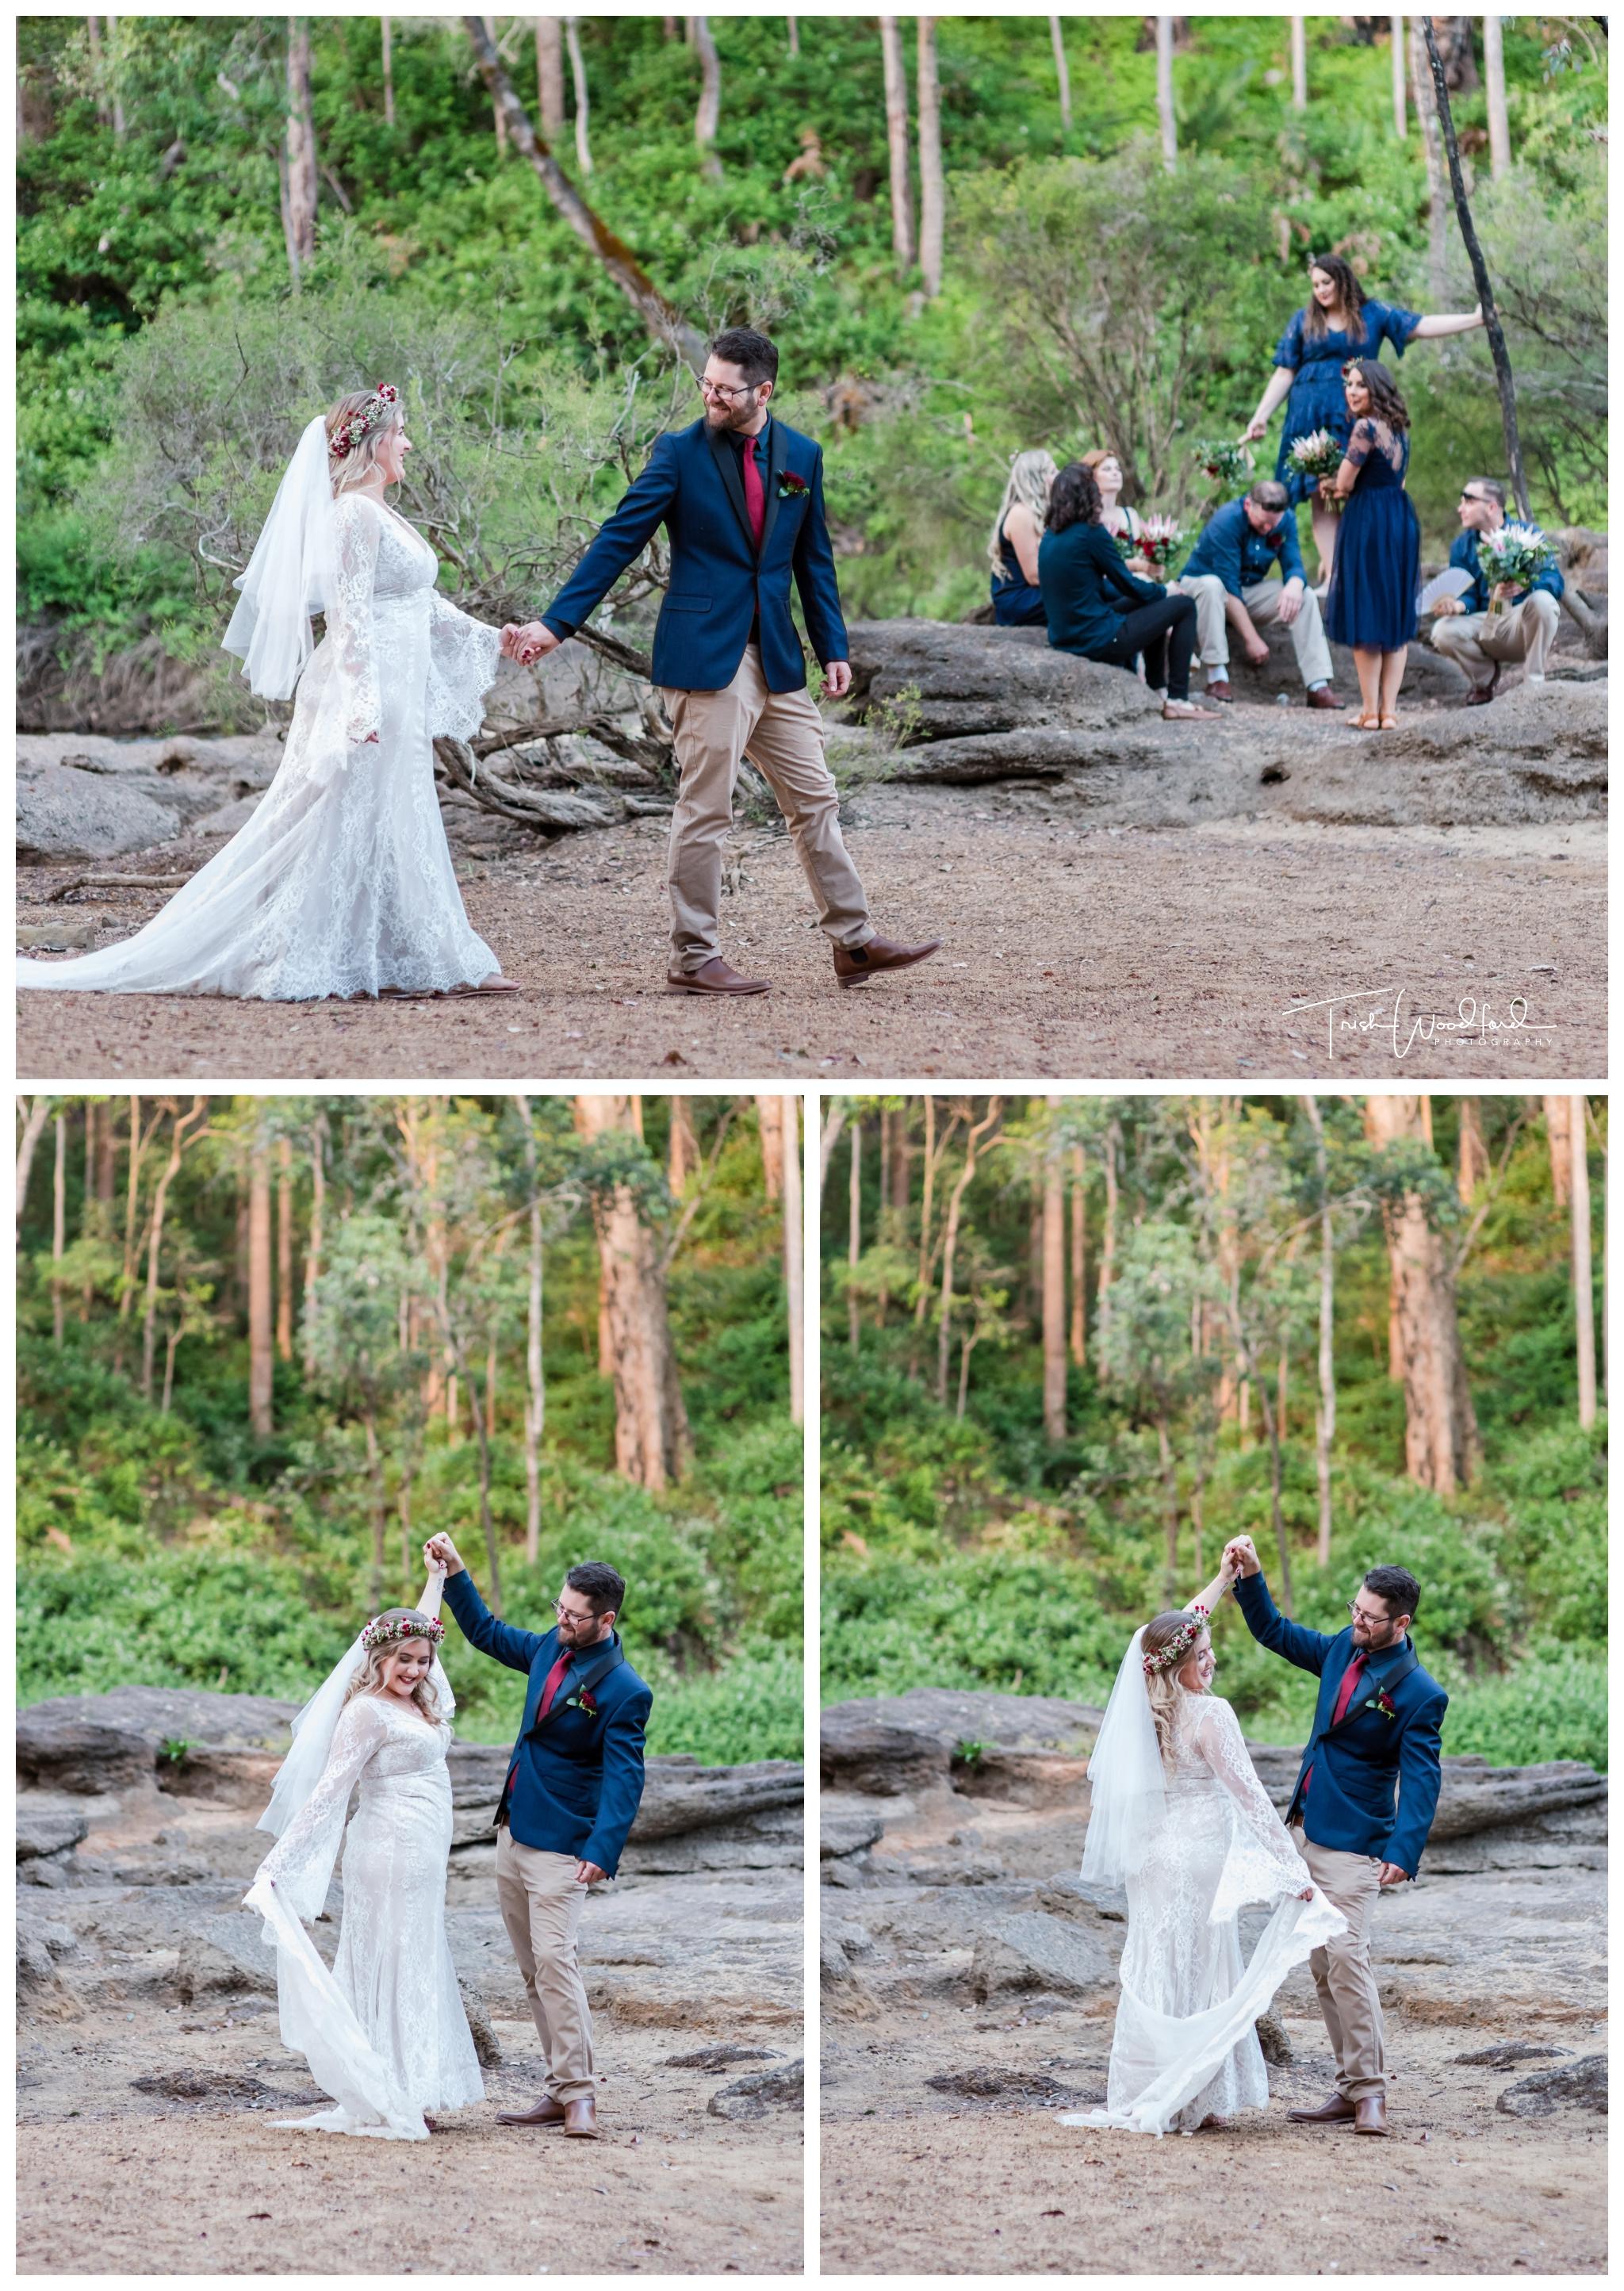 Nanga Bush Camp Wedding Photography